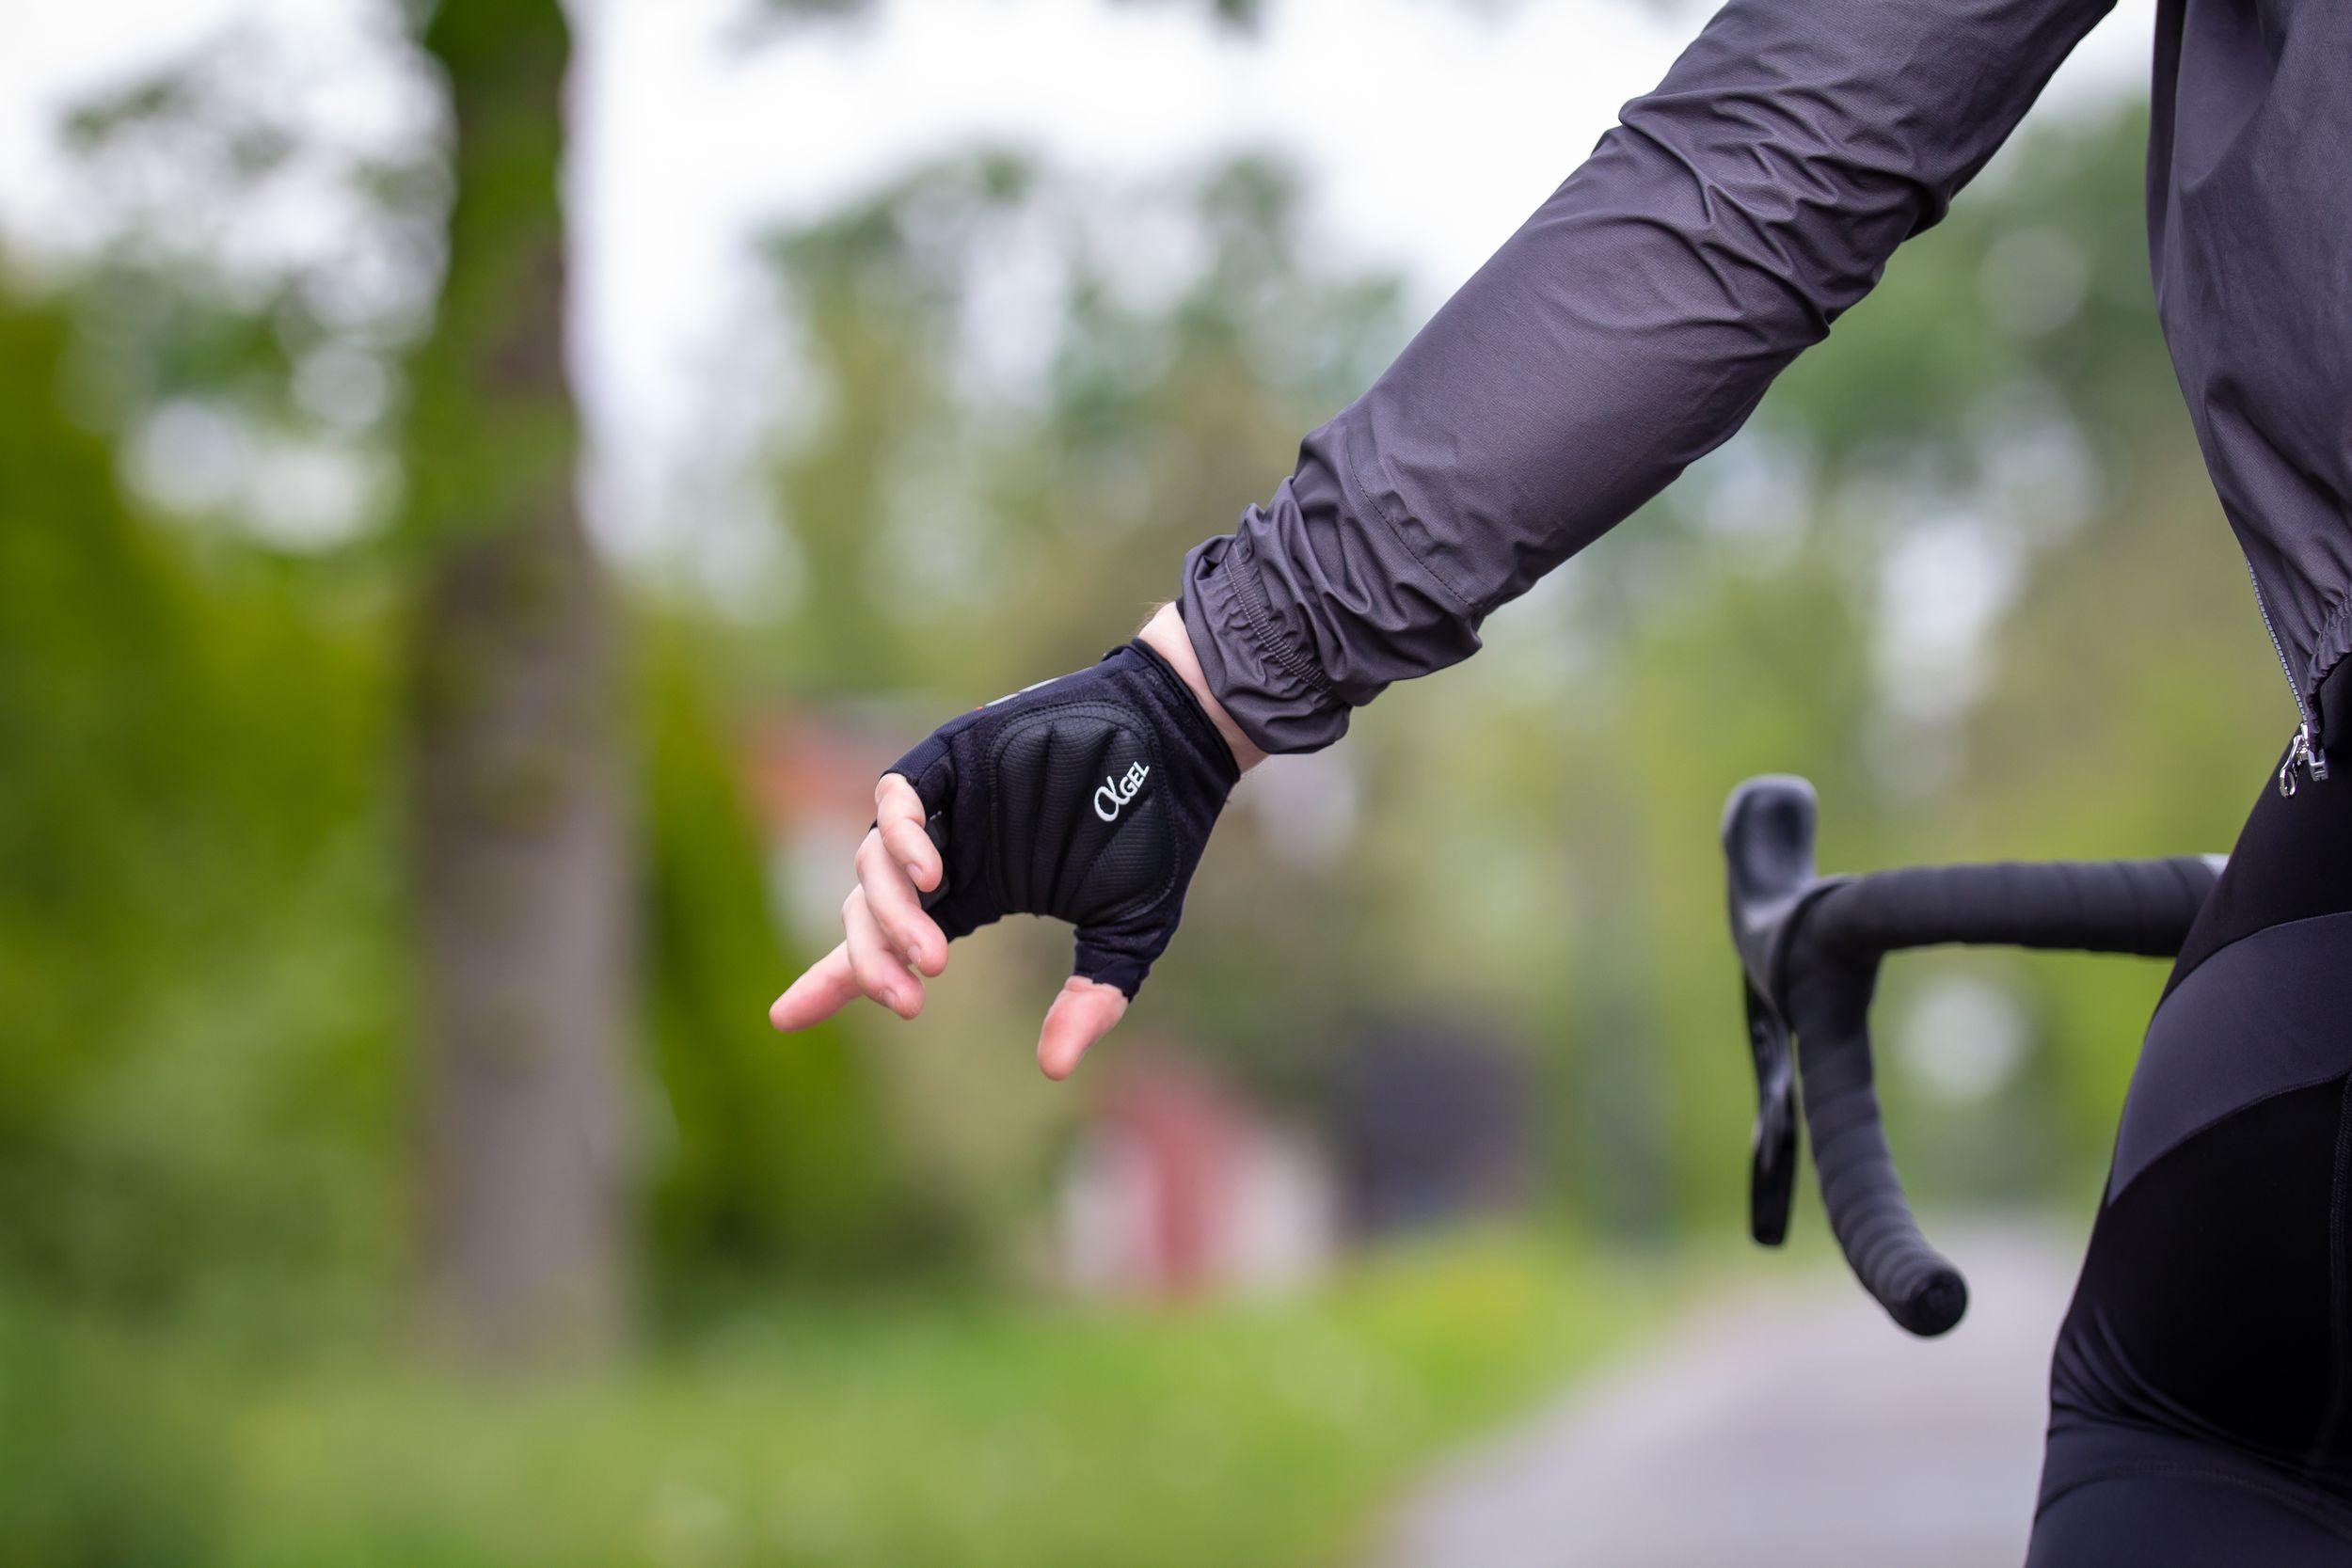 Fietshandschoenen tegen tintelende handen